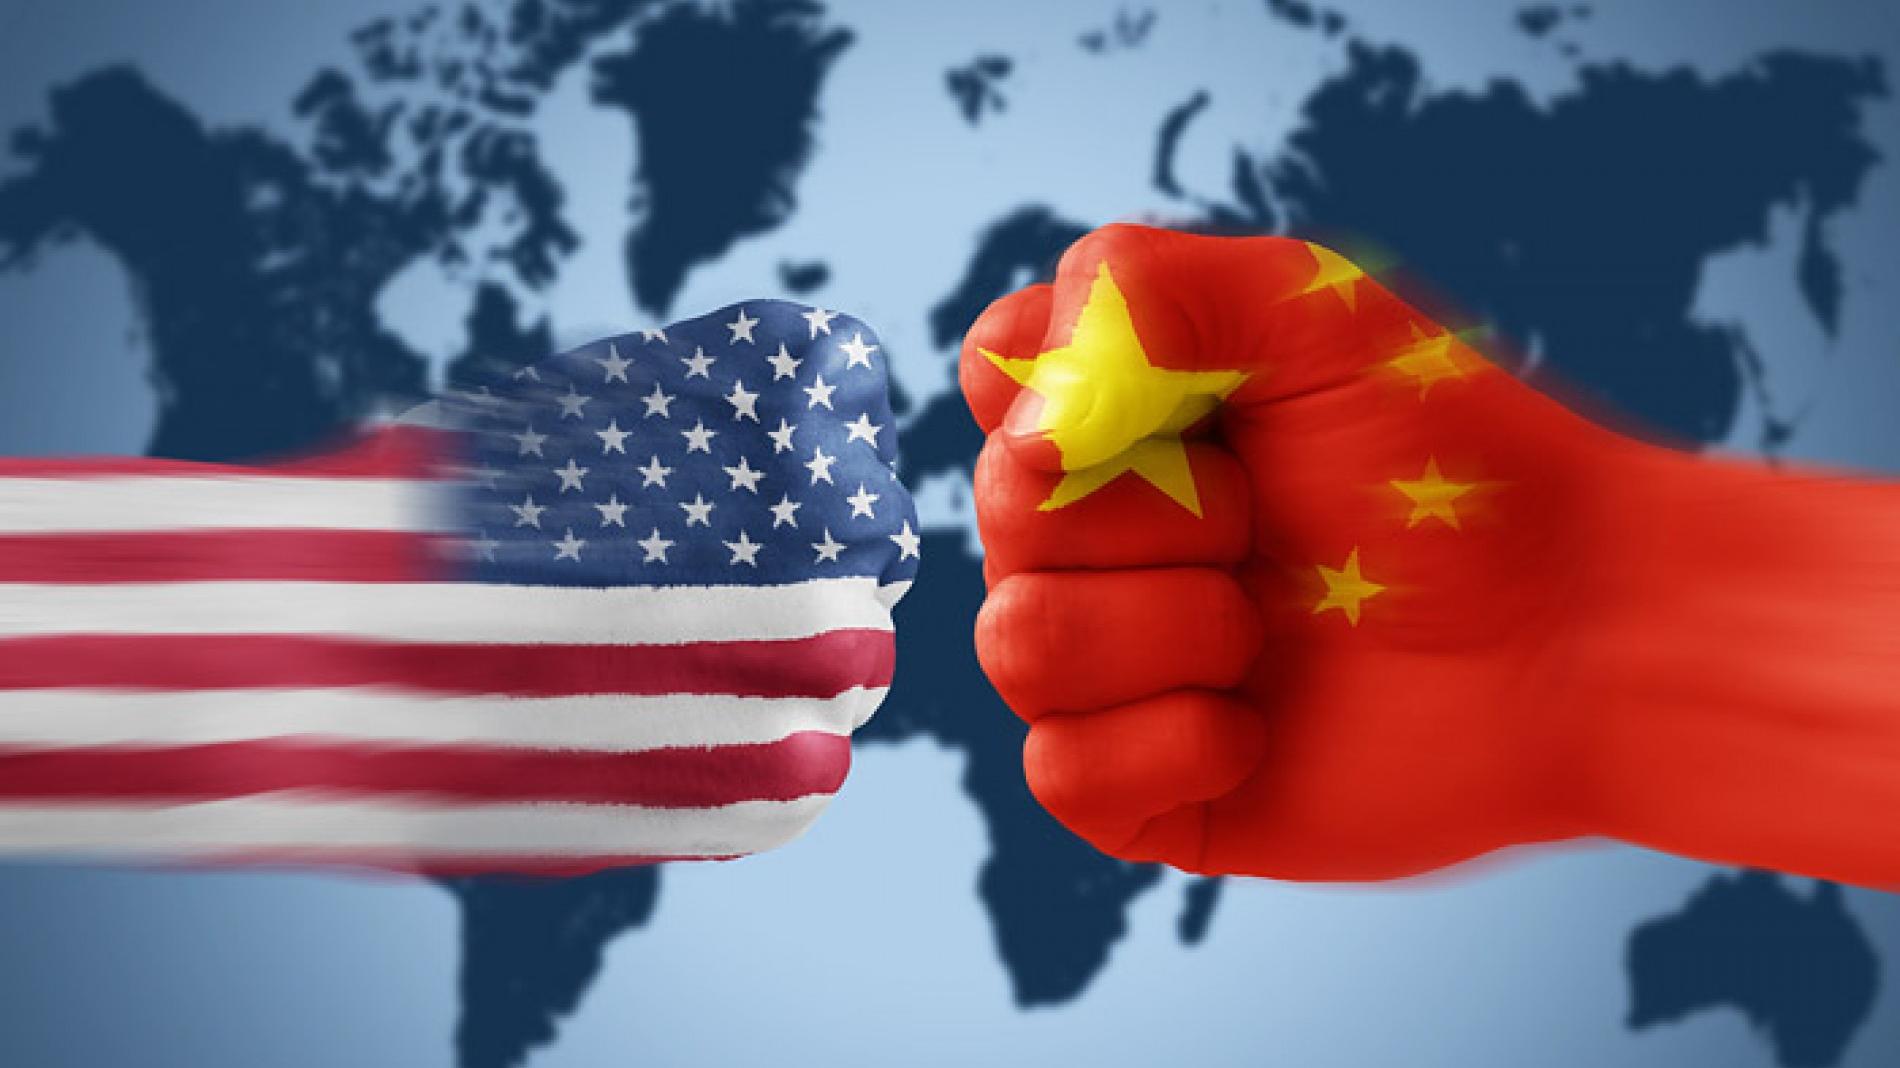 Pierwszy krok do regulacji stosunków handlowo-gospodarczych między Waszyngtonem i Pekinem